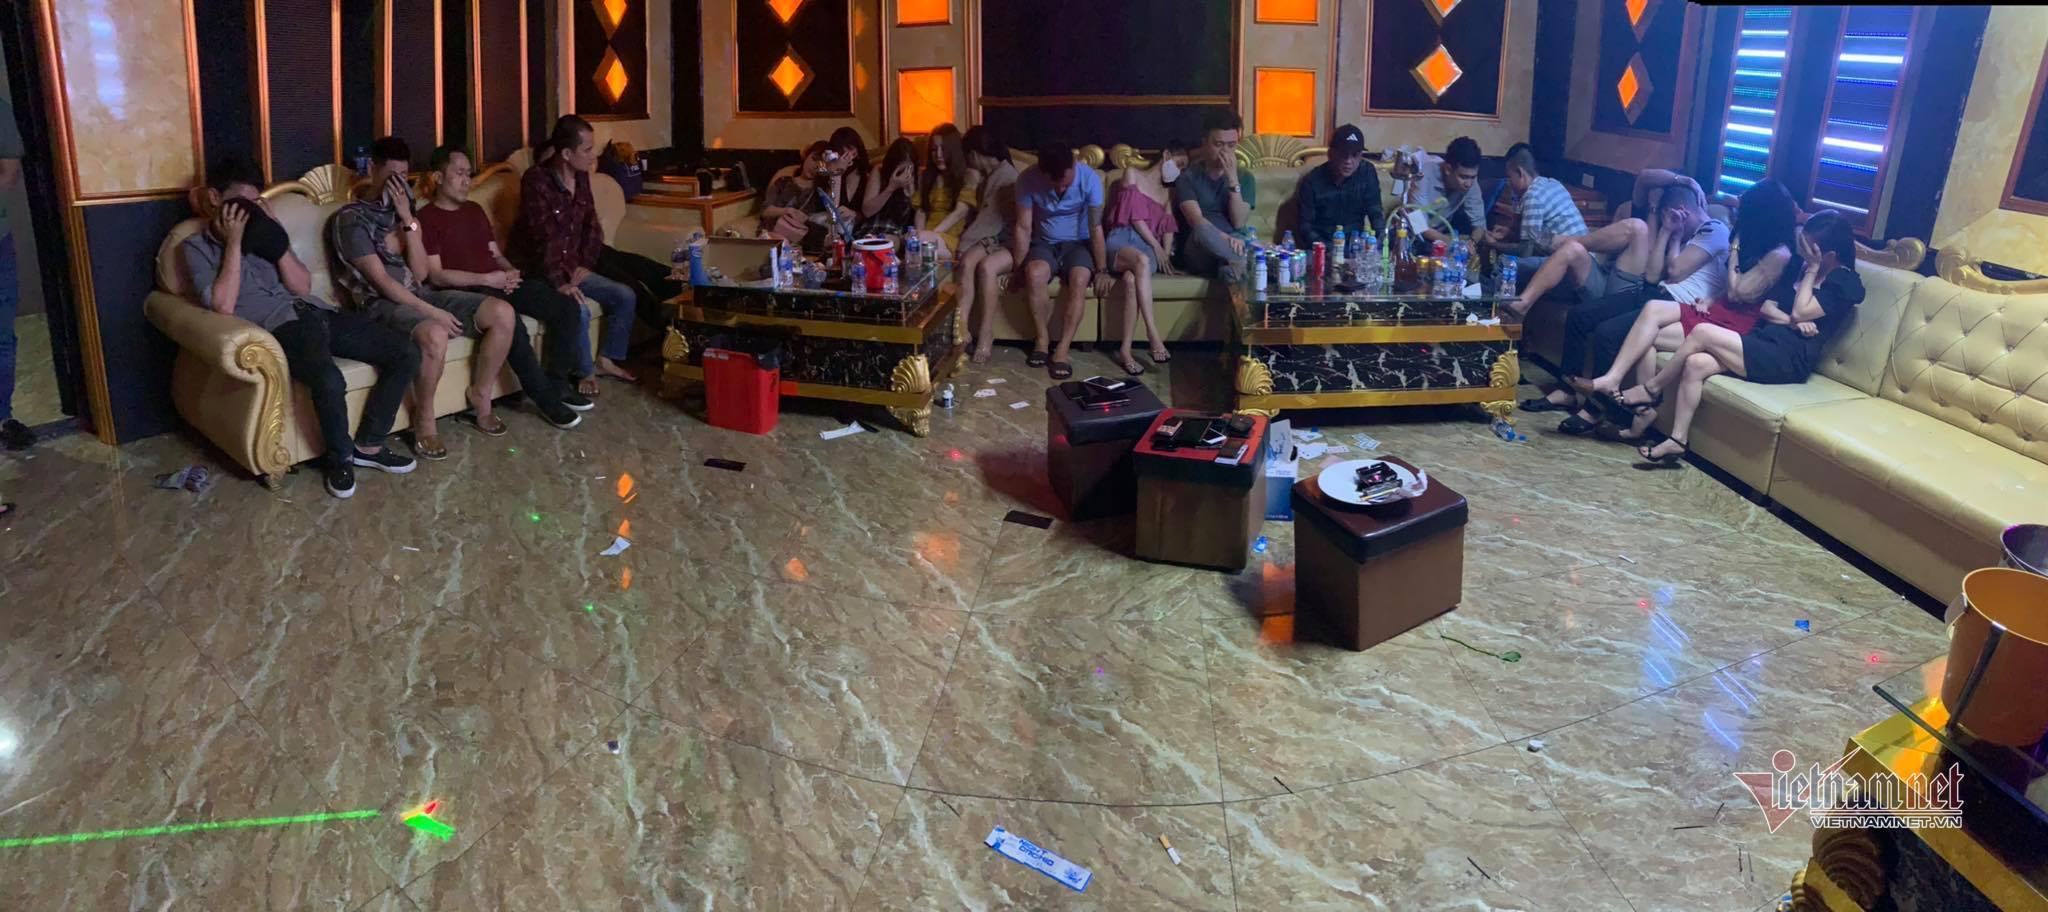 Khách sạn mở tiệc ma túy, 75 nam nữ bay lắc giữa cao điểm dịch